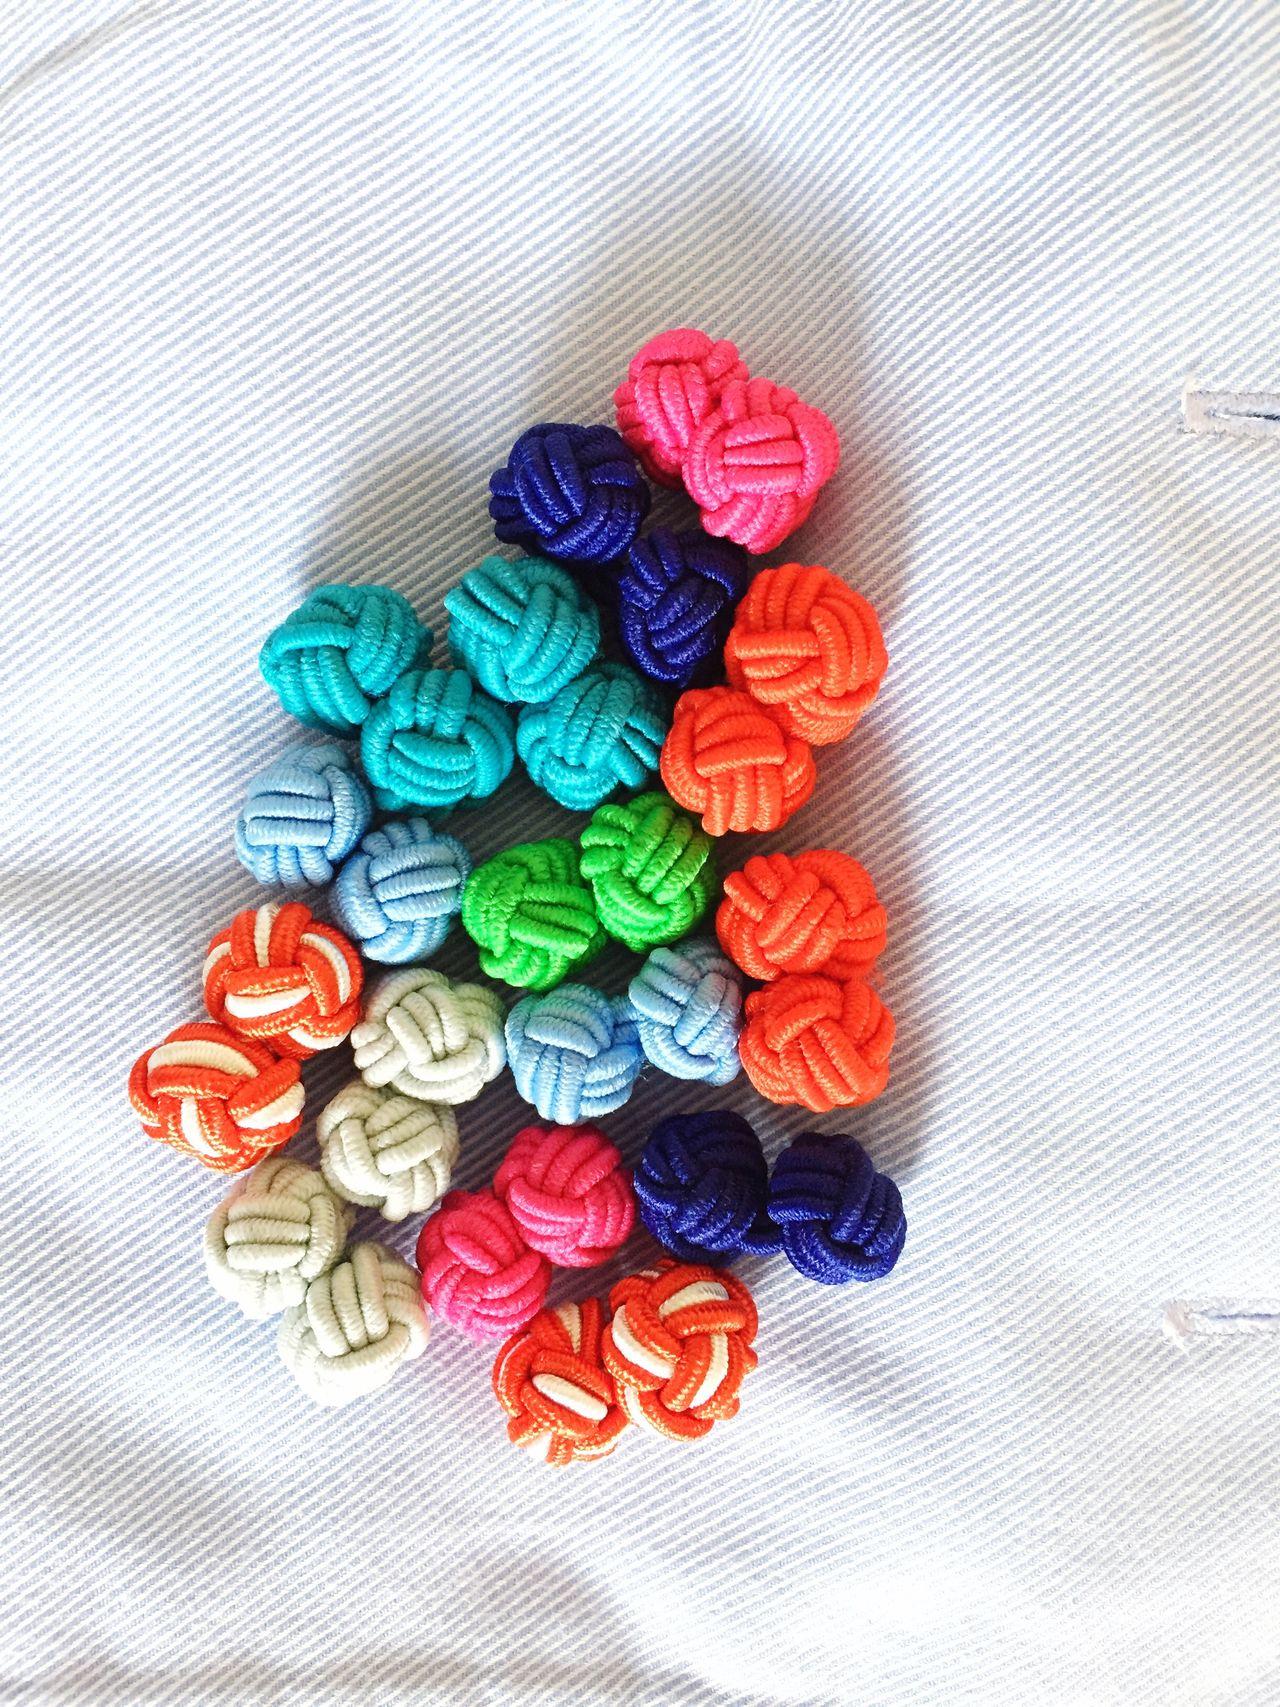 Cufflinks fashion Shirt elegant Colorful cuffs